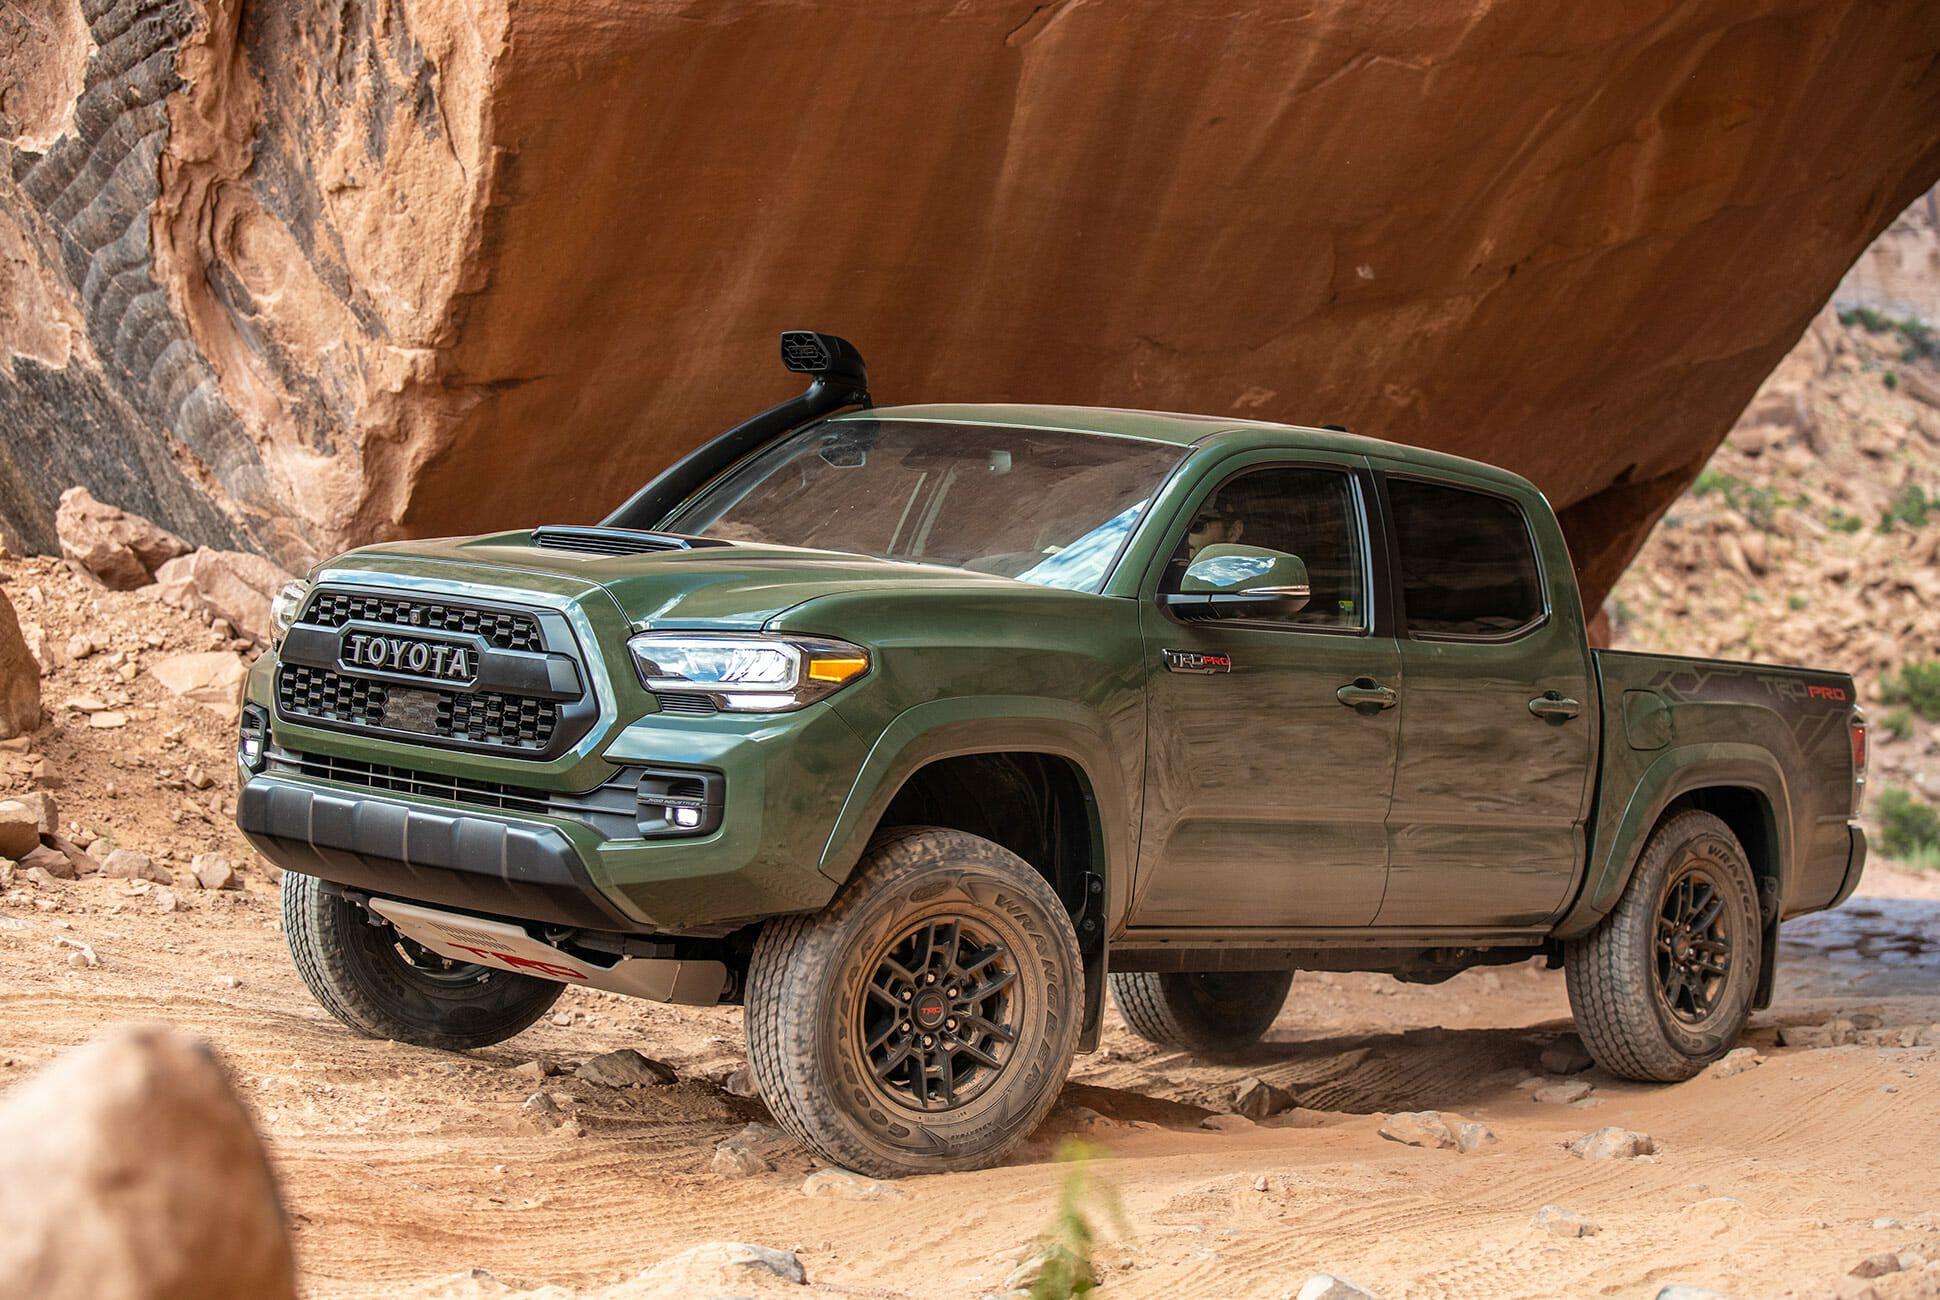 Toyota-4Runner-Tacoma-TRD-Pro-2020-gear-patrol-slide-7